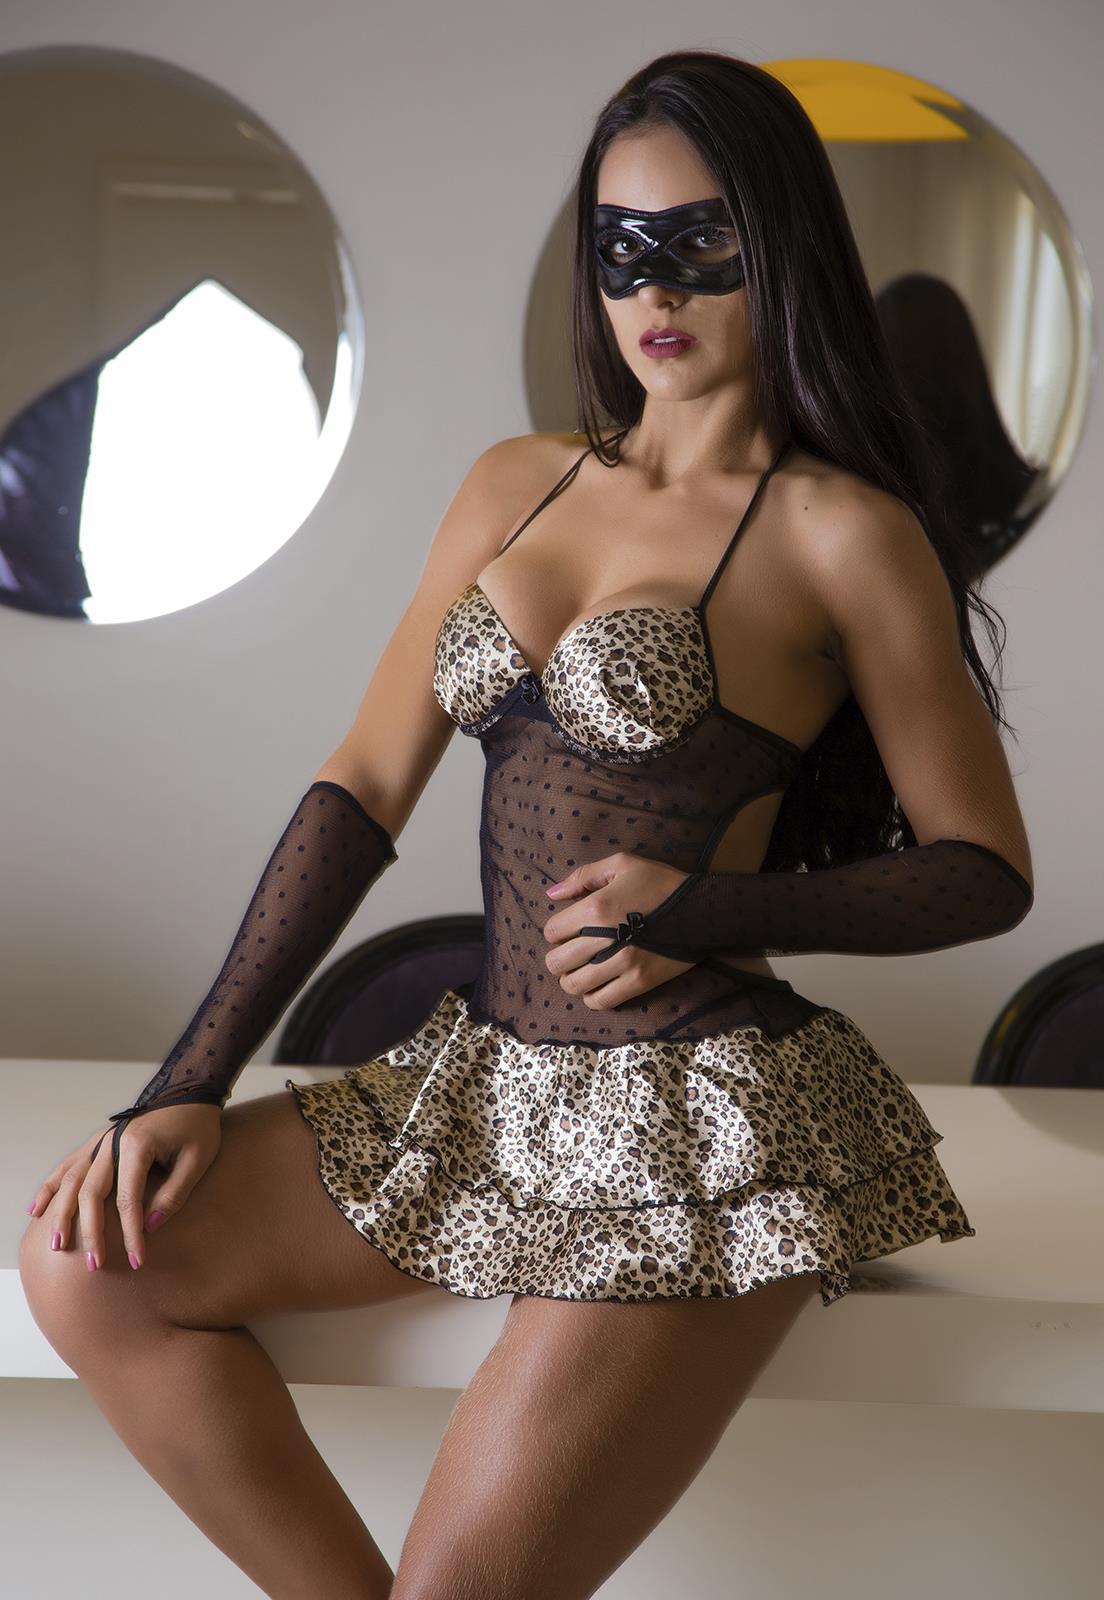 a8a1ba5f1 Fantasia Feminina com Máscara - Diversos Modelos Aqui na Le!